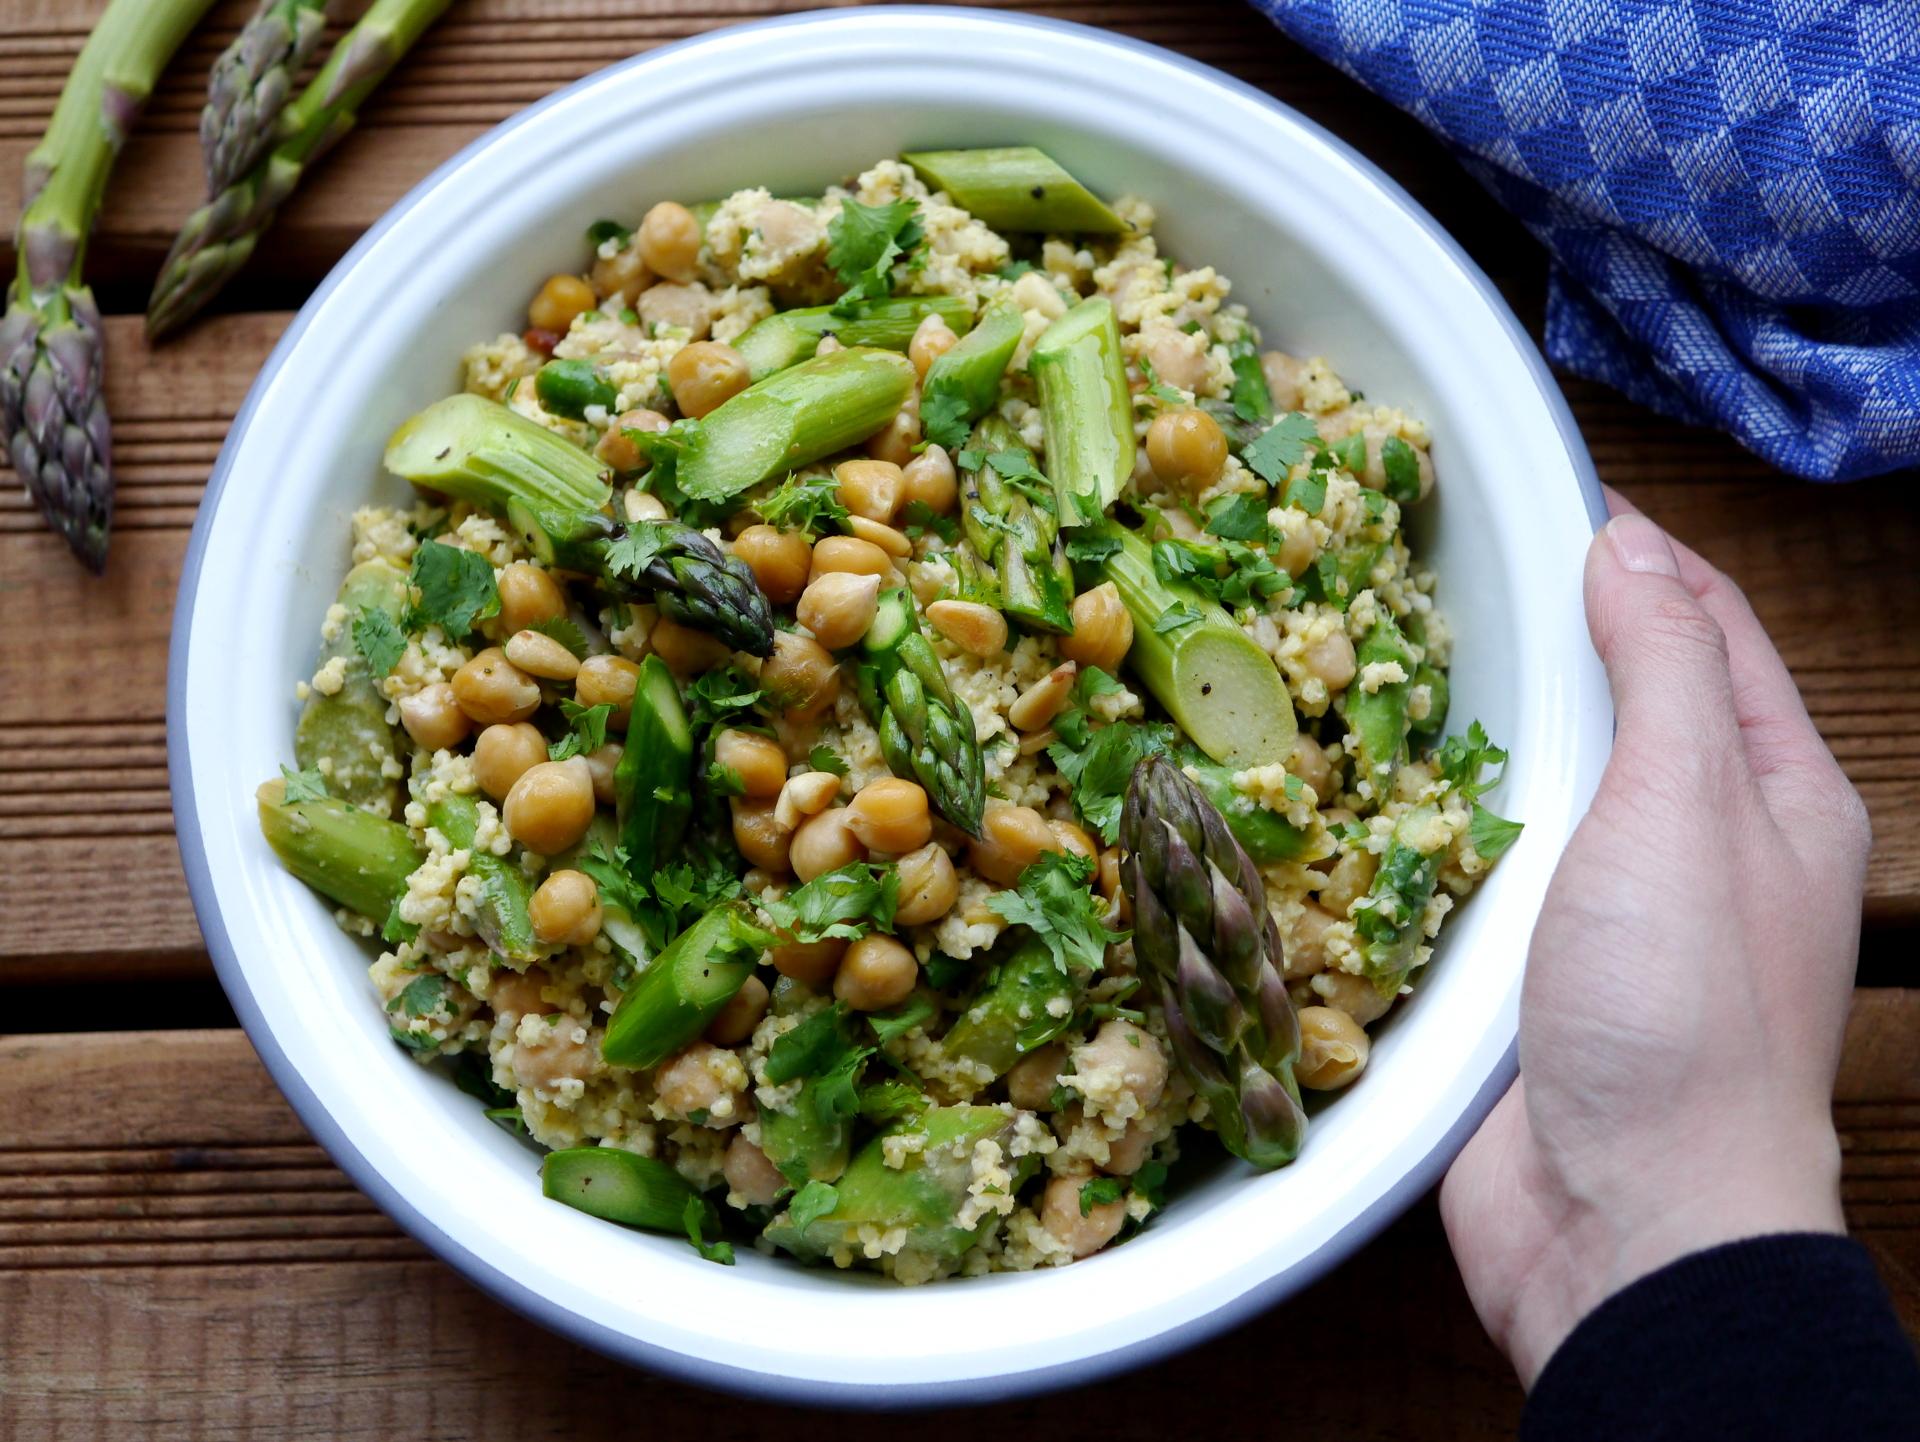 Orientalischer Spargel Hirse Salat Happyfoodprint